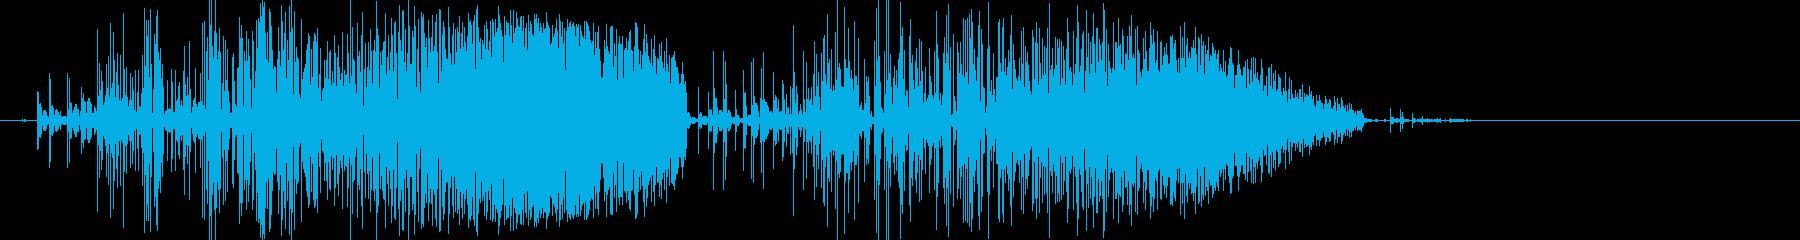 ポイポイ!(攻撃/SF/レーザー/レトロの再生済みの波形